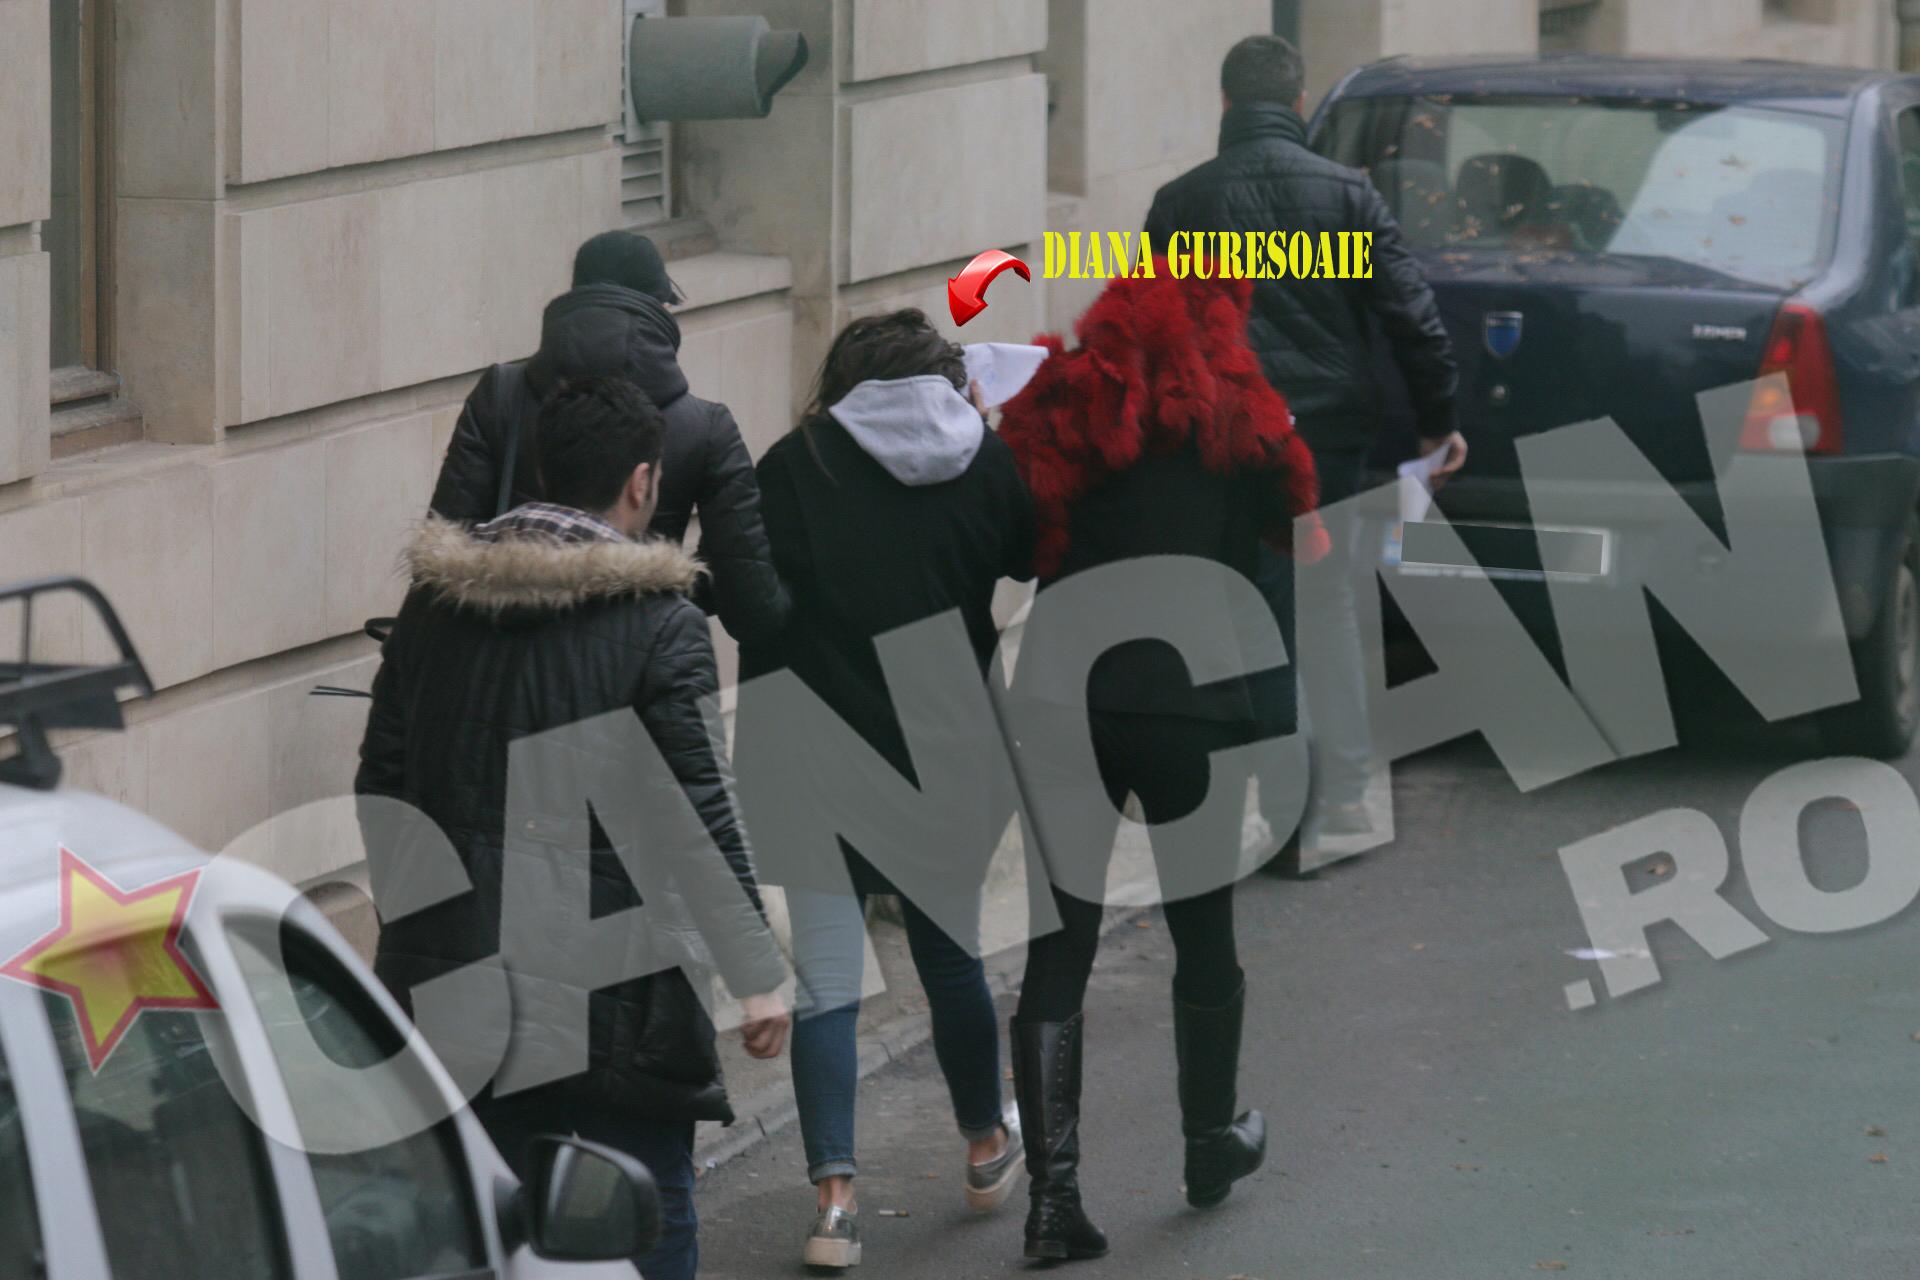 Diana Guresoaie a fost surprinsa in jurul orei 15.30, iesind din sediul Judecatoriei Sectorului 5